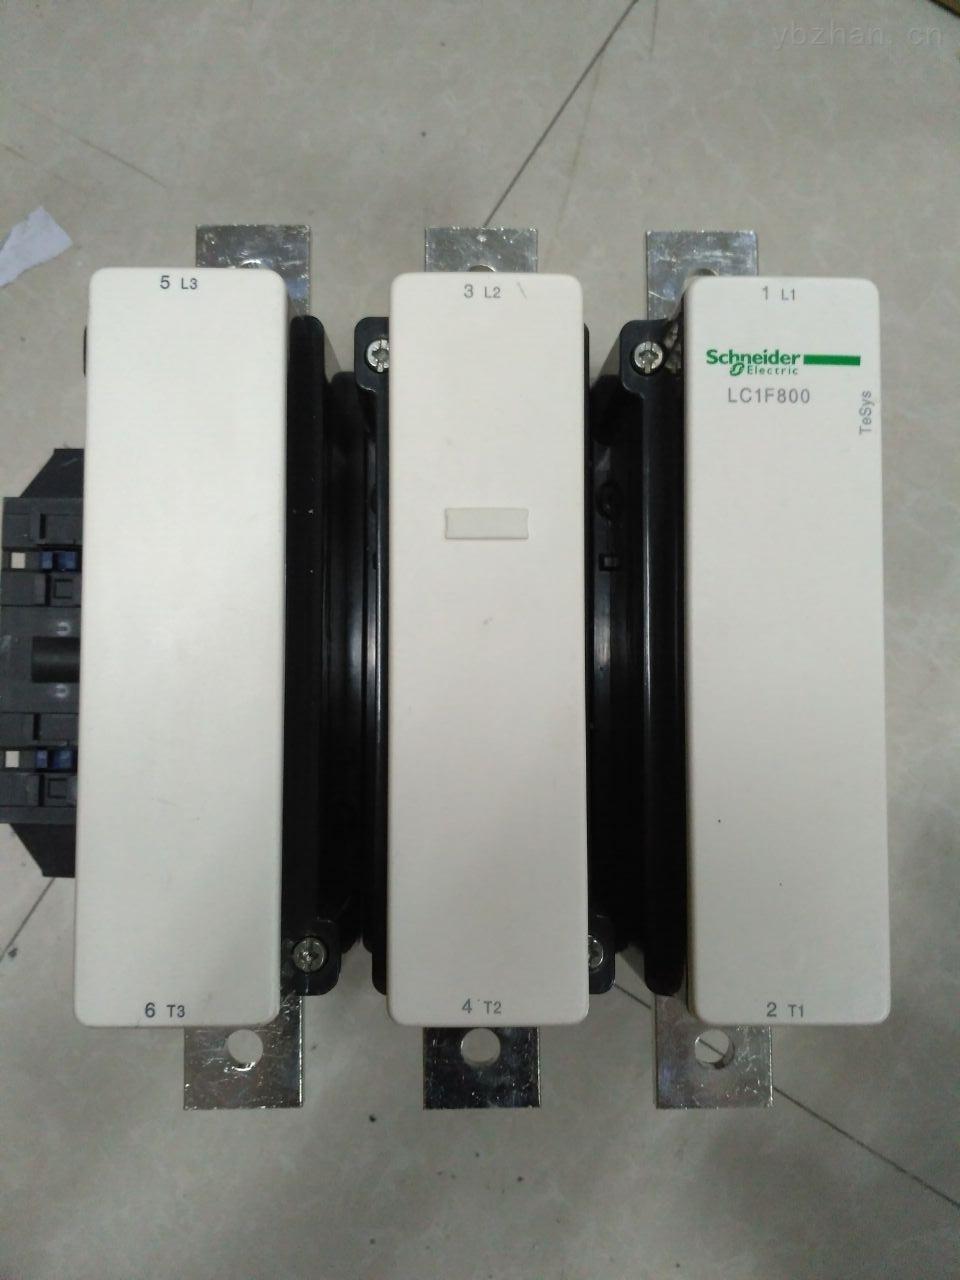 施耐德lc1d620接触器,使用寿命更长